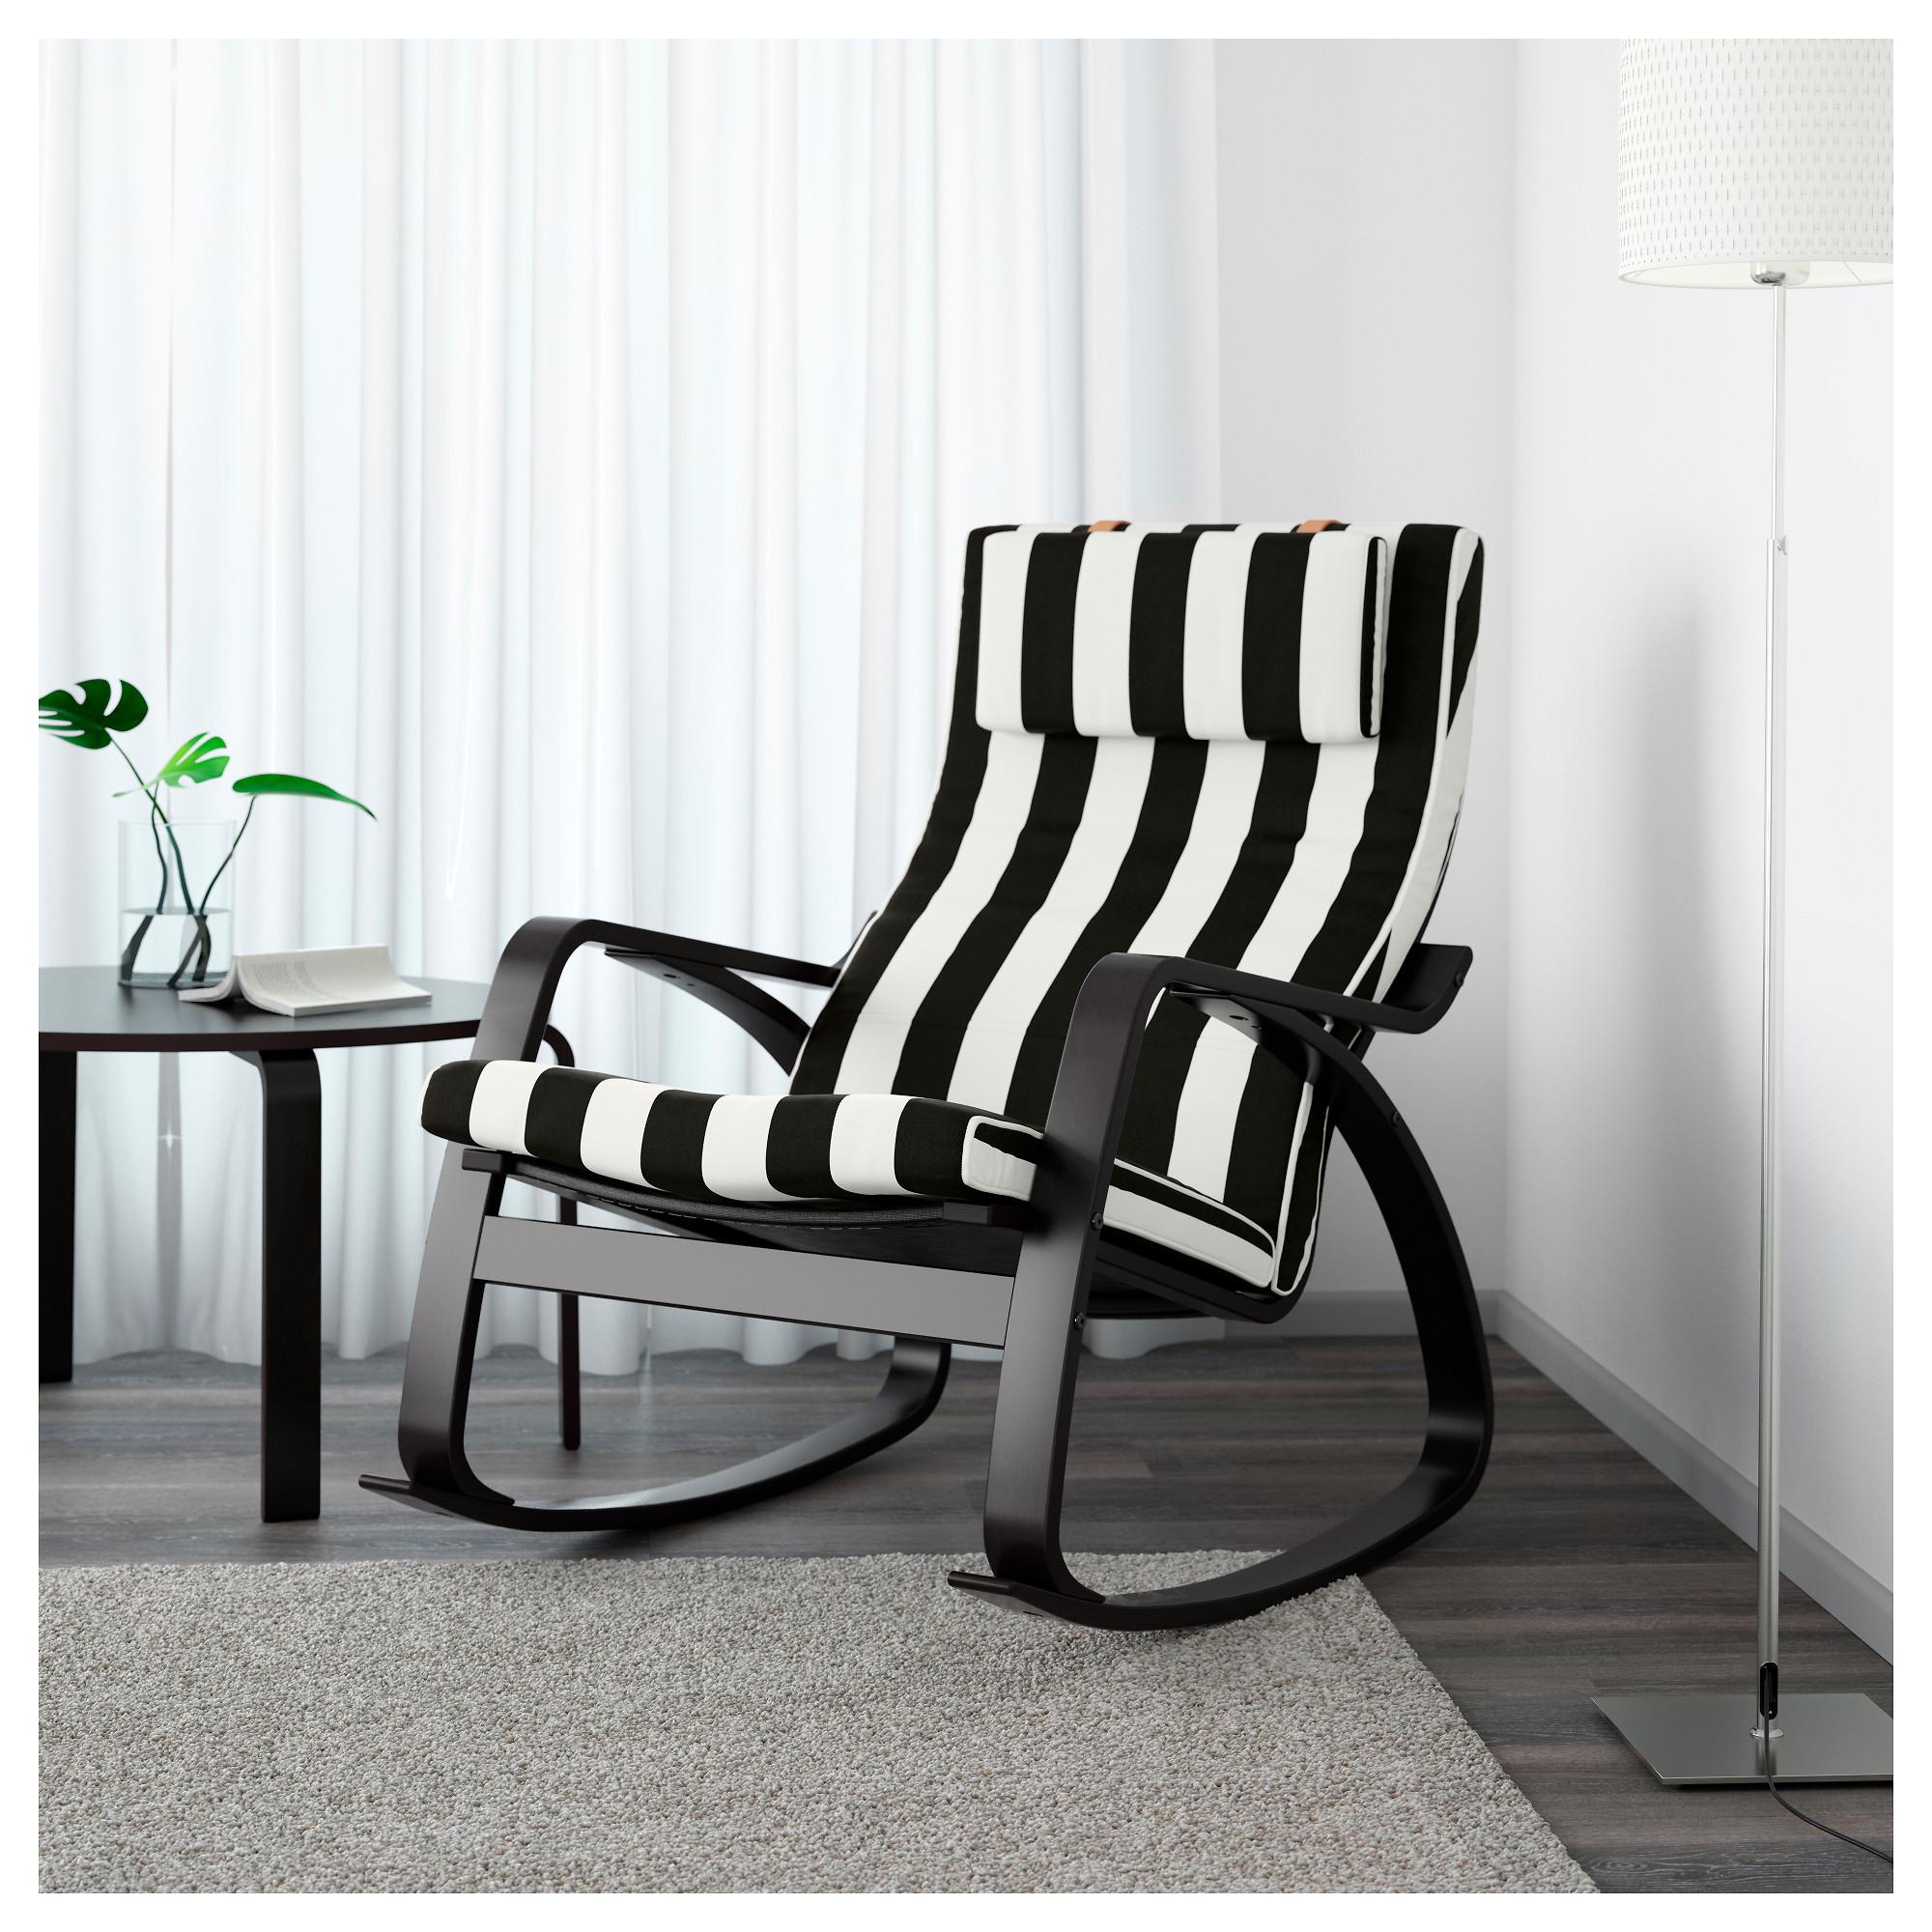 Кресло-качалка ПОЭНГ черный/белый артикуль № 292.515.64 в наличии. Online магазин IKEA Минск. Недорогая доставка и установка.